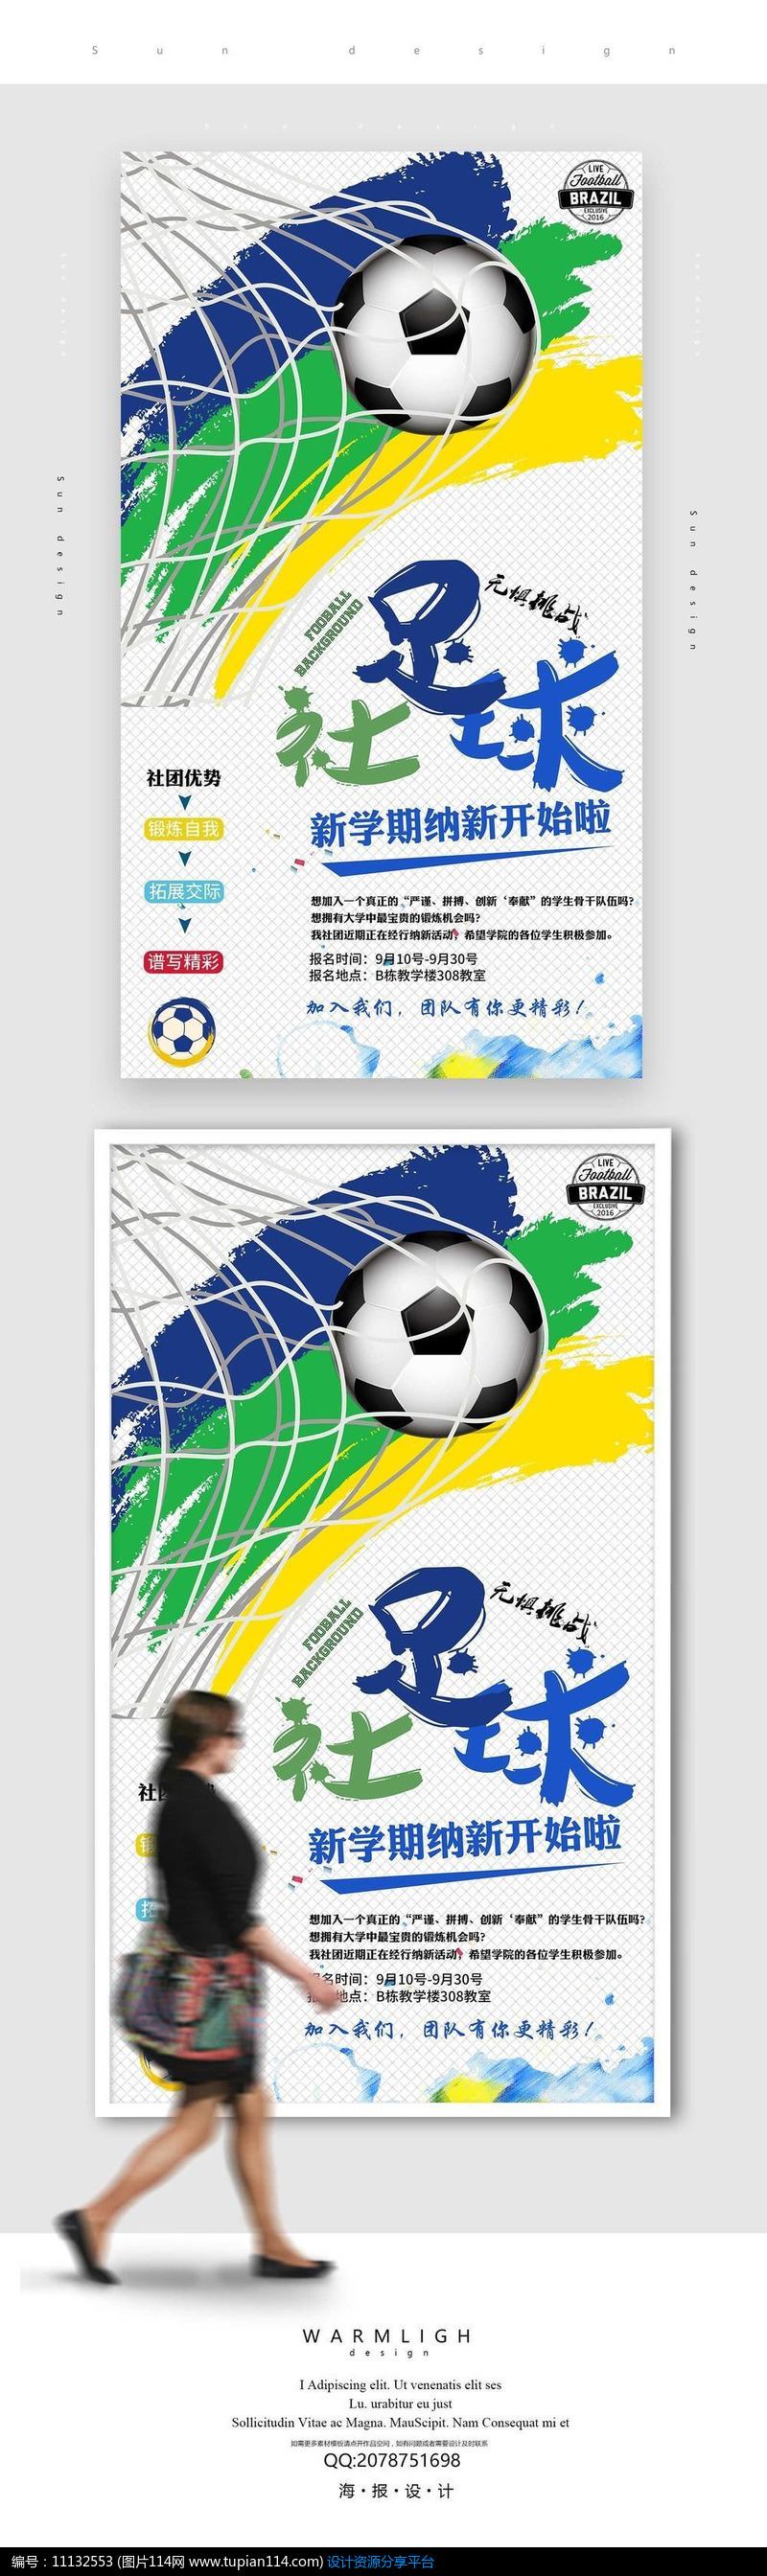 [原创] 简约足球社纳新海报设计